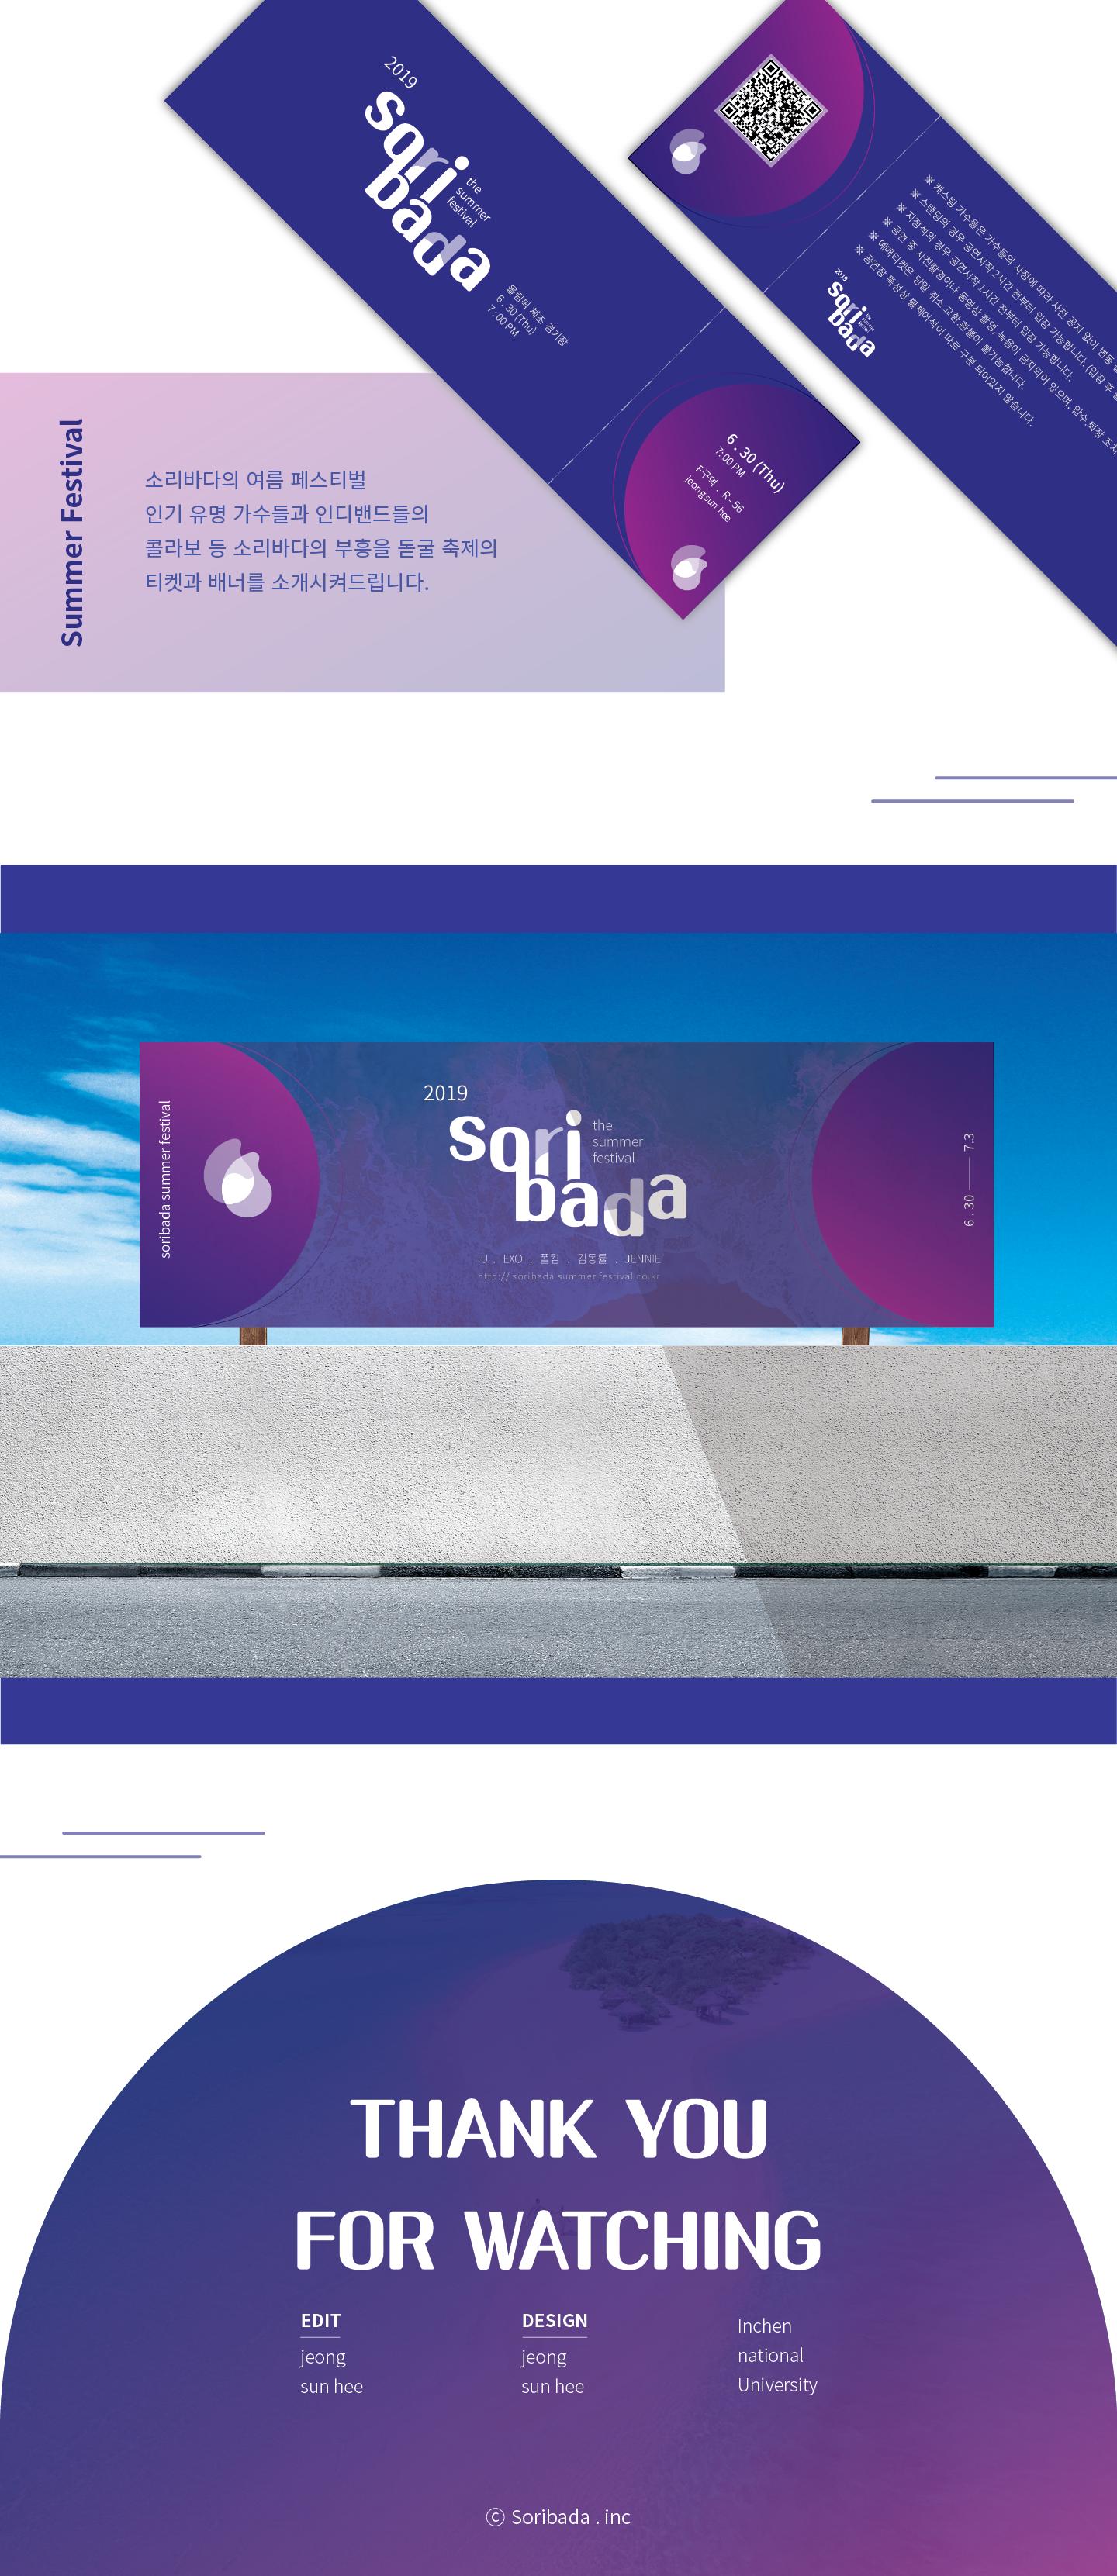 Soribada renewal on Behance